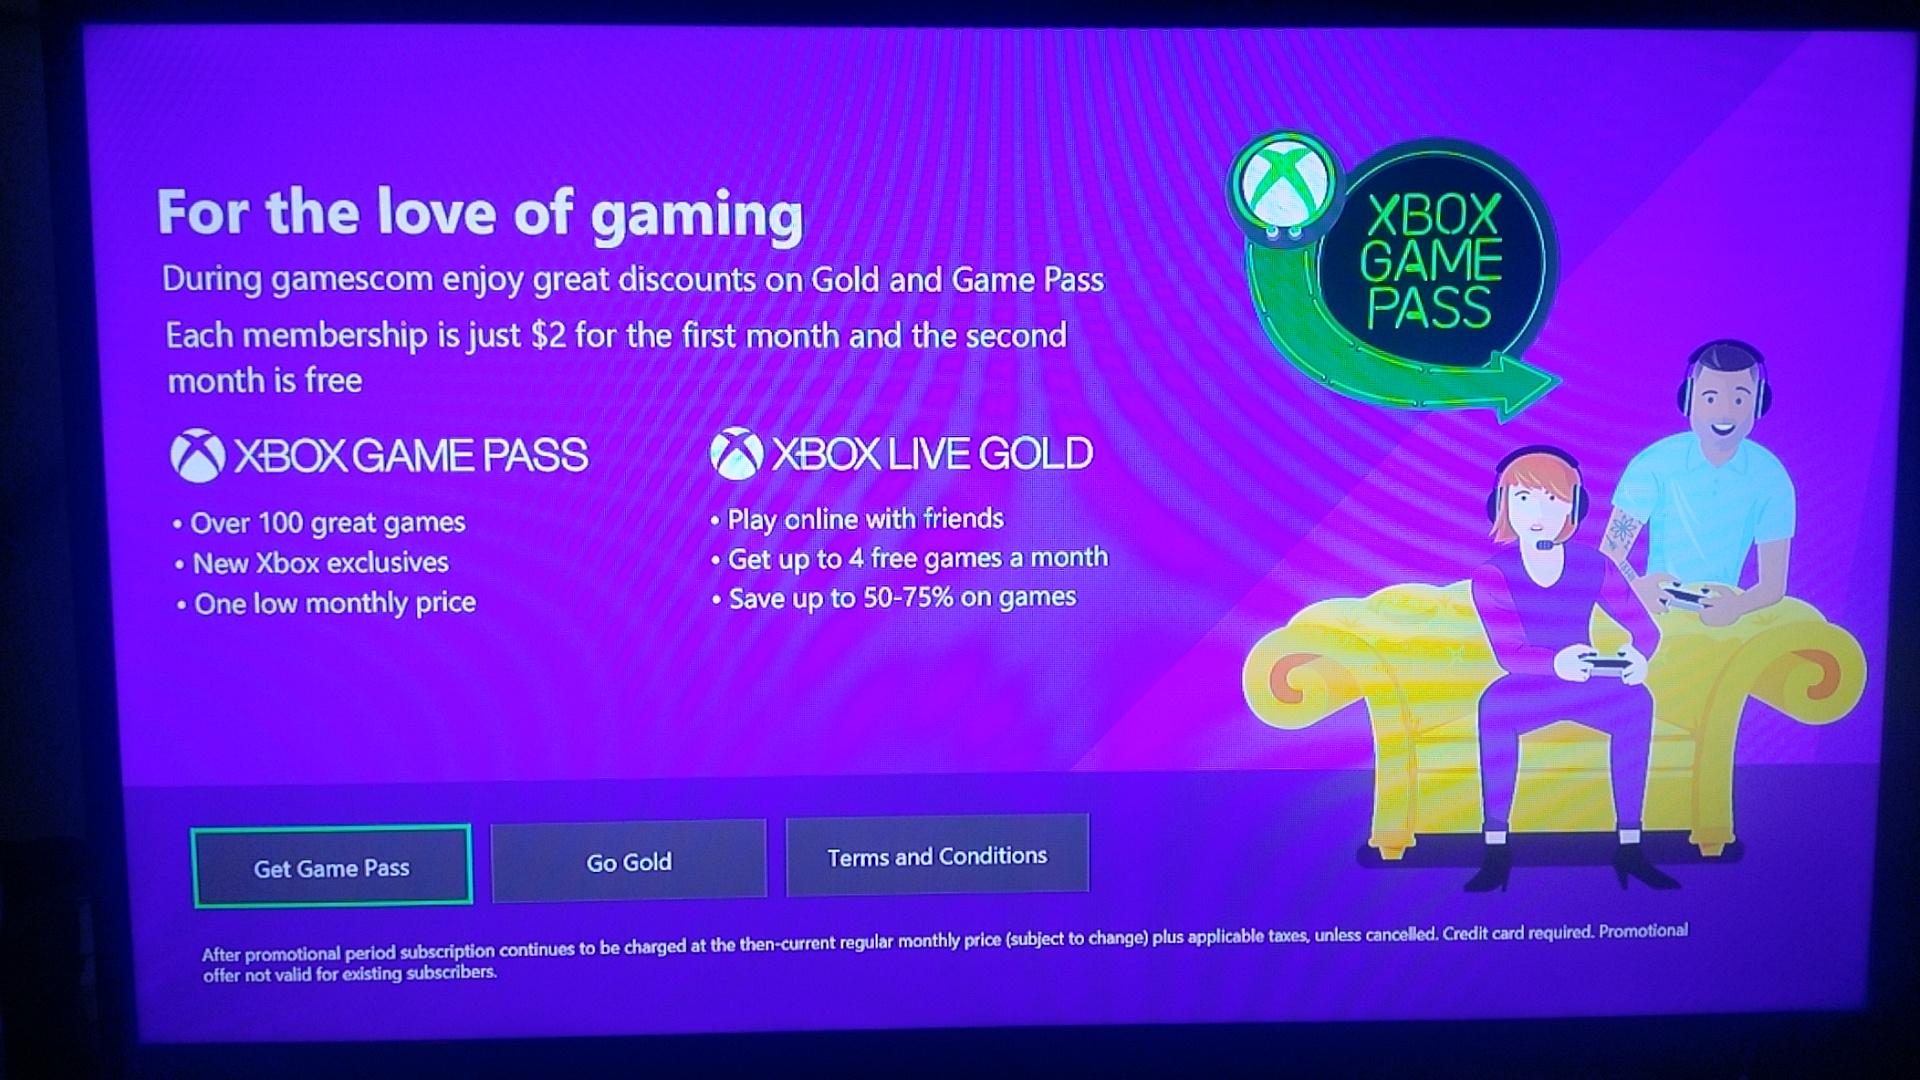 Xbox Game Pass y Live Gold a 2 dólares en lo que dura la GamesCom